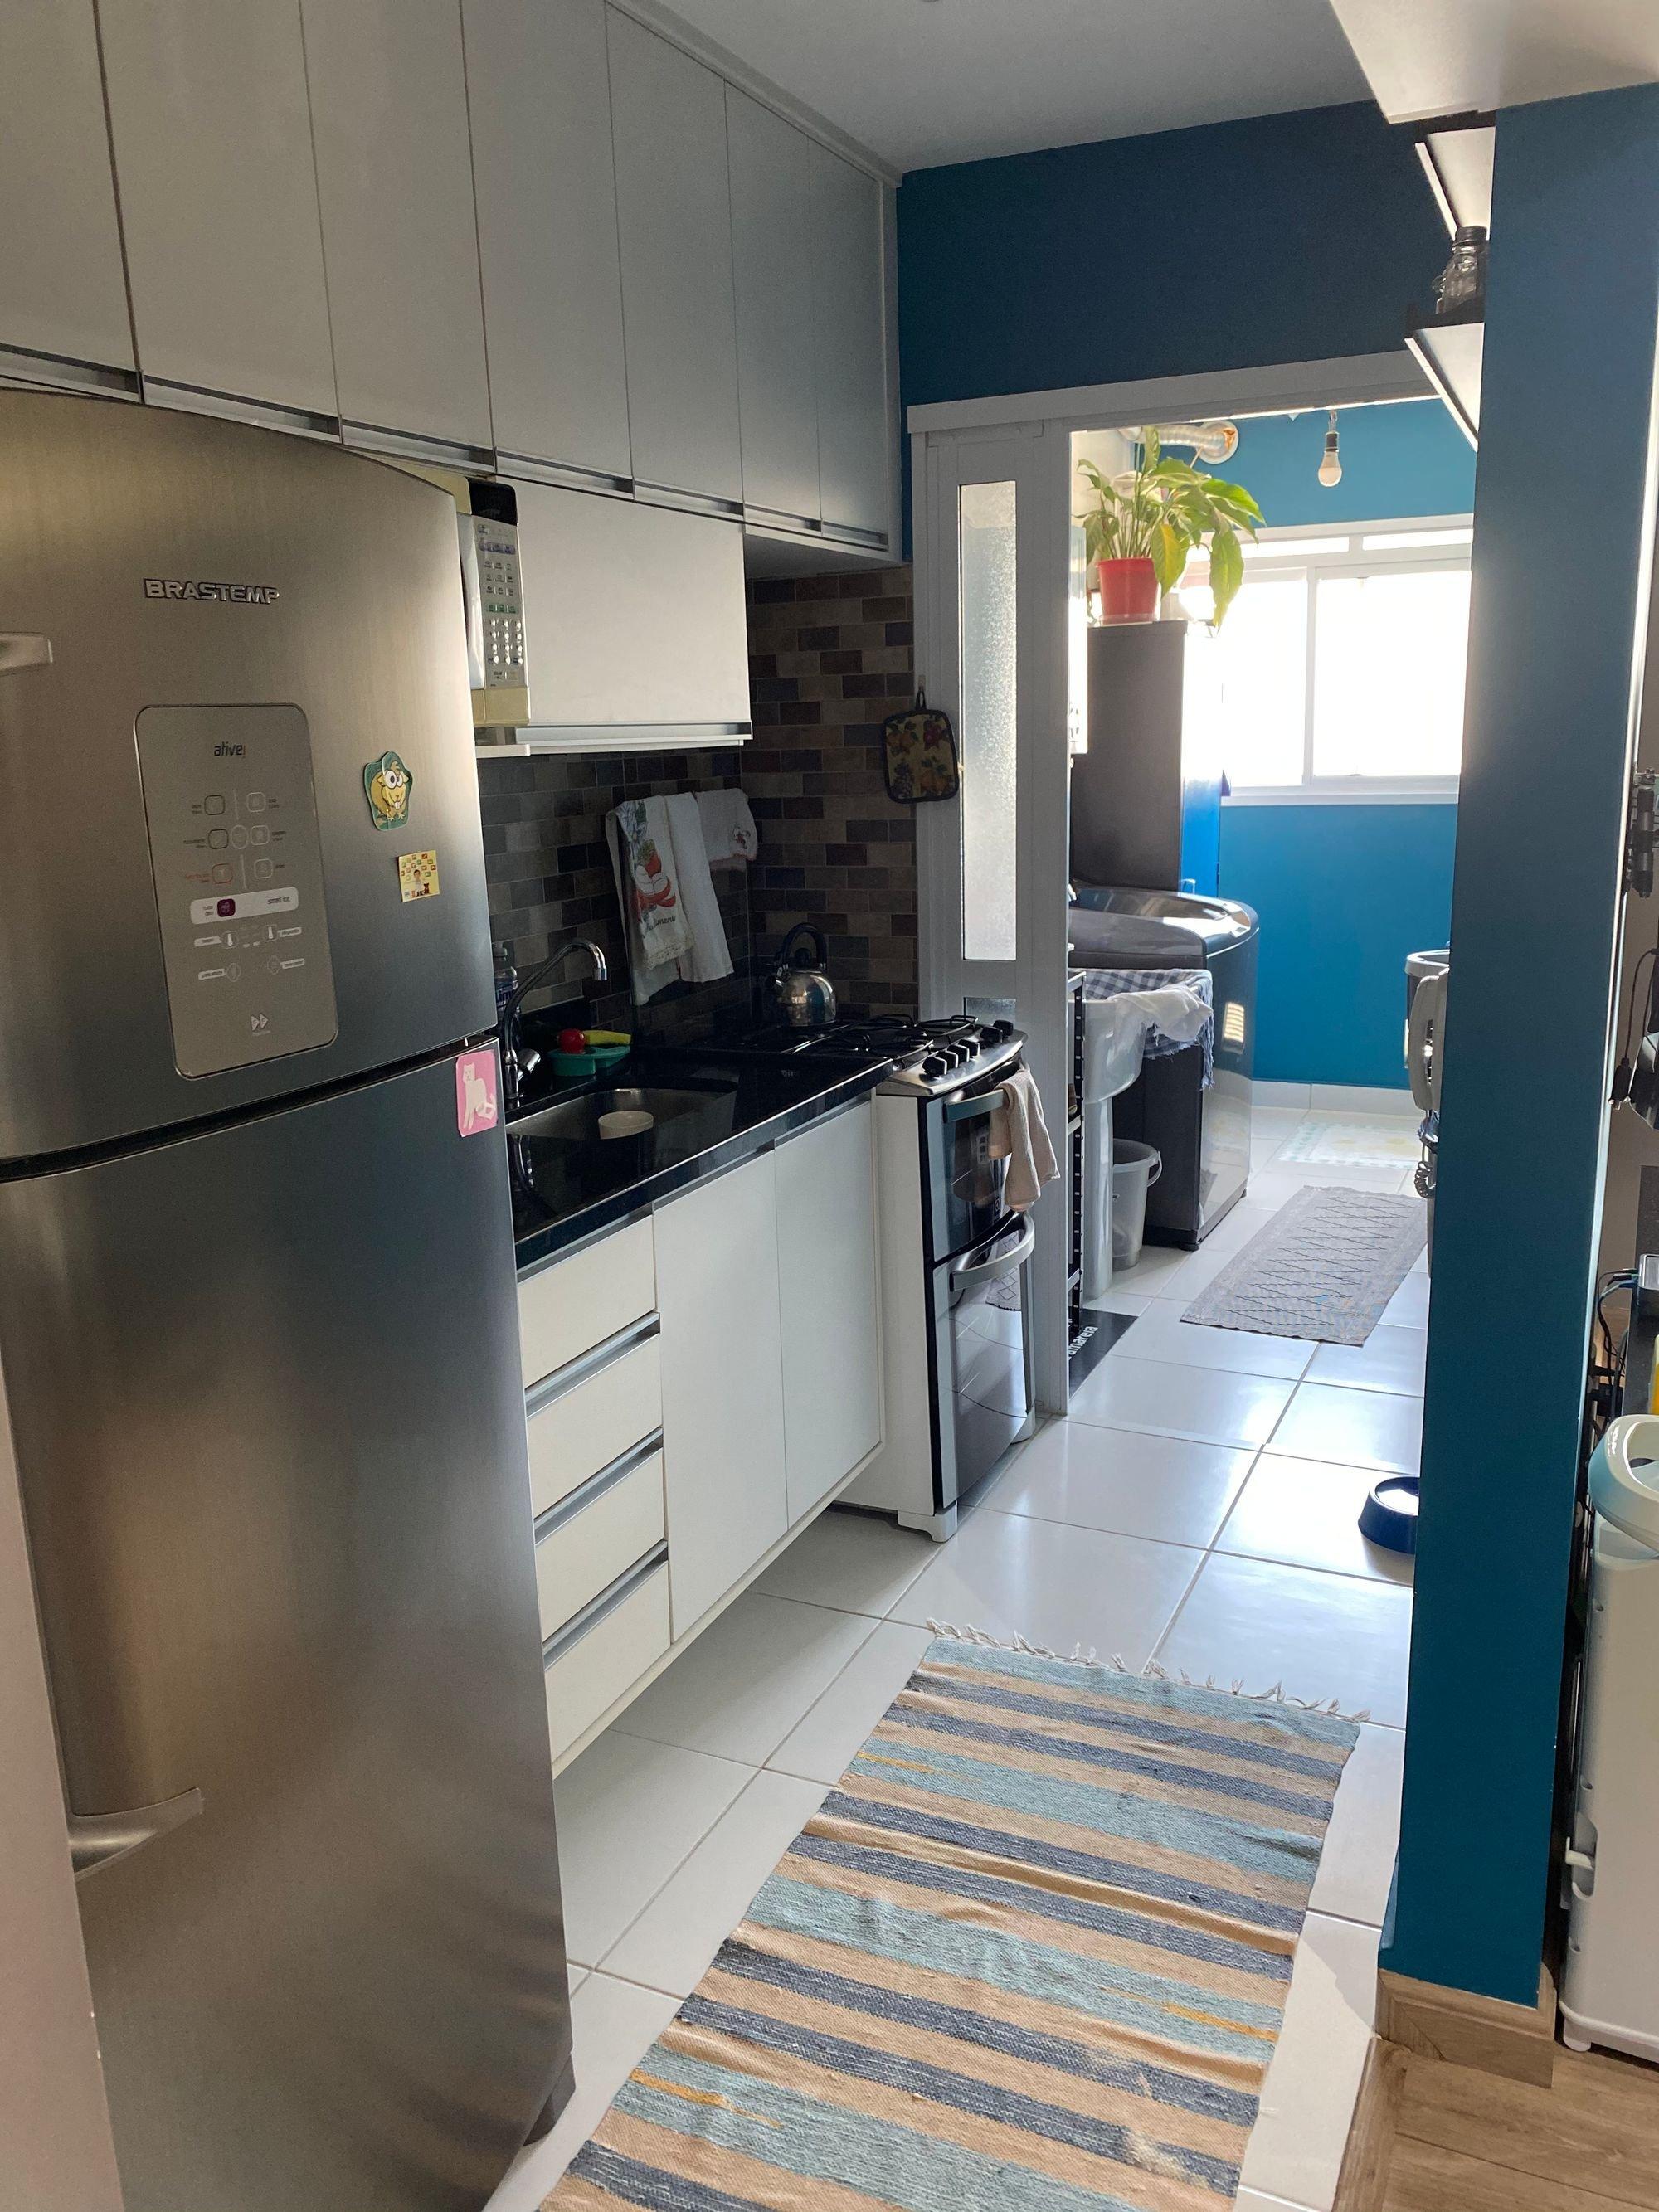 Foto de Cozinha com vaso de planta, forno, geladeira